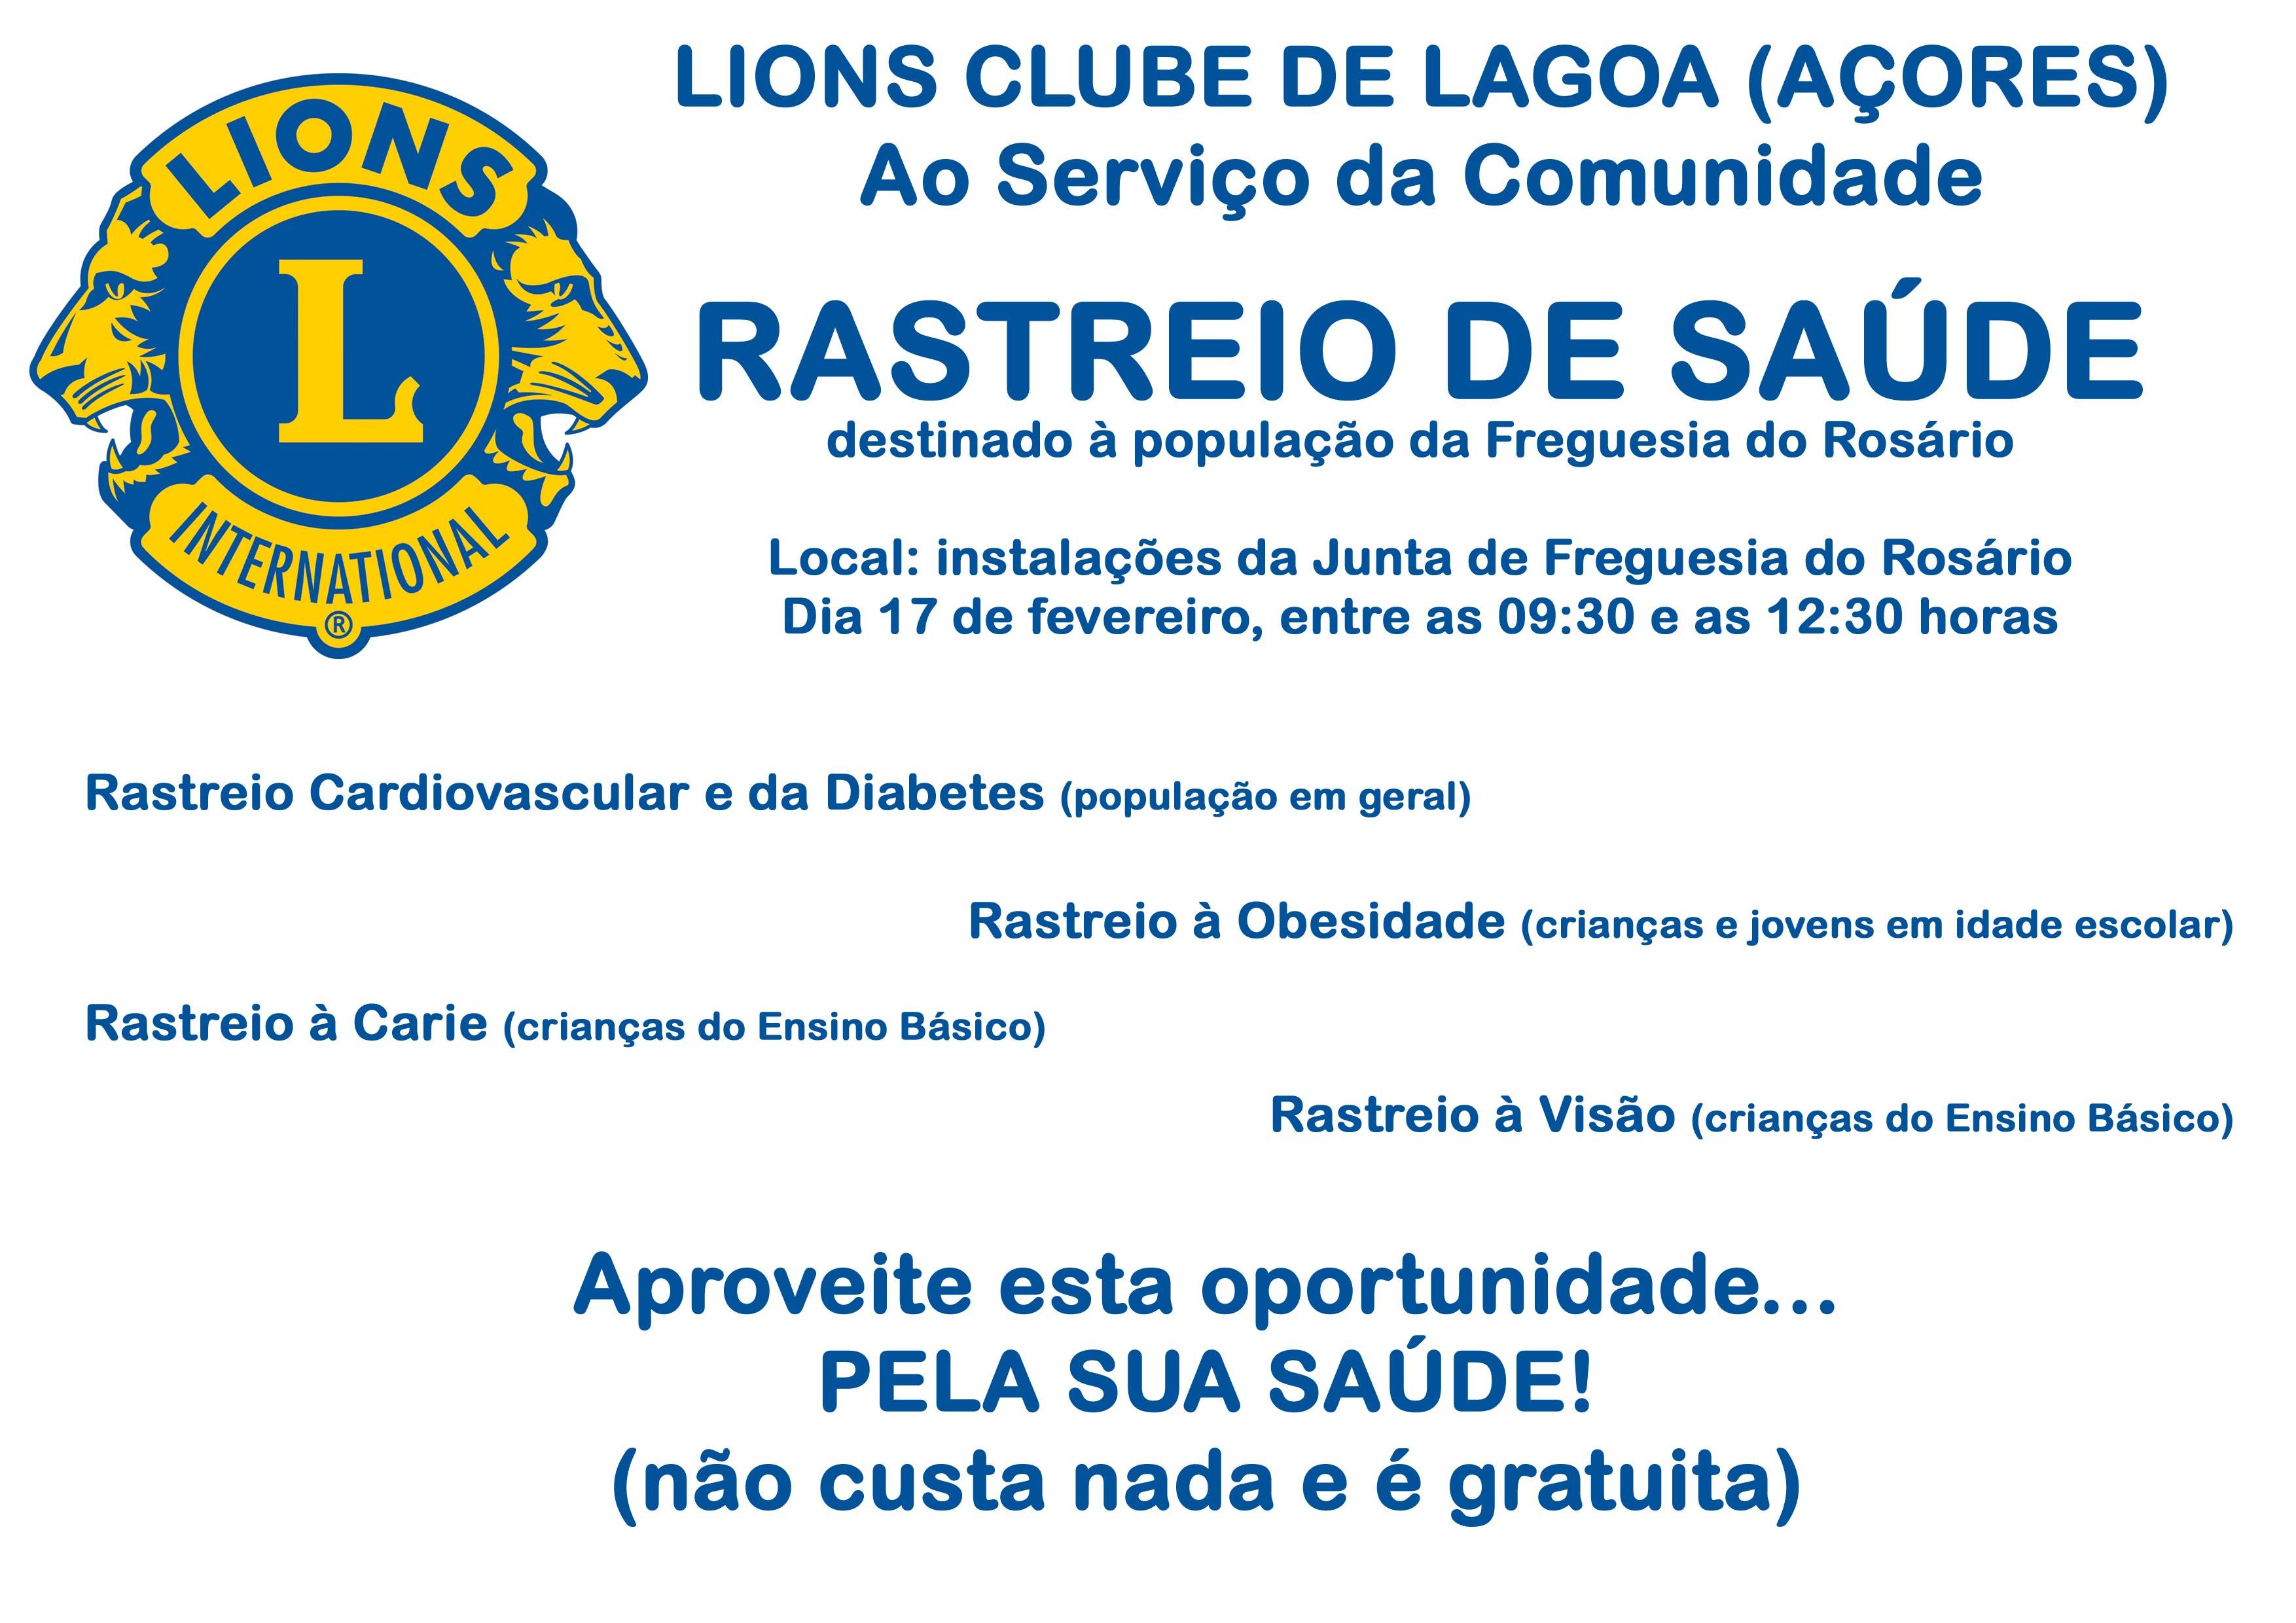 LCLagoa (Açores) - Cartaz informativo do Rastreio de Saúde 2018